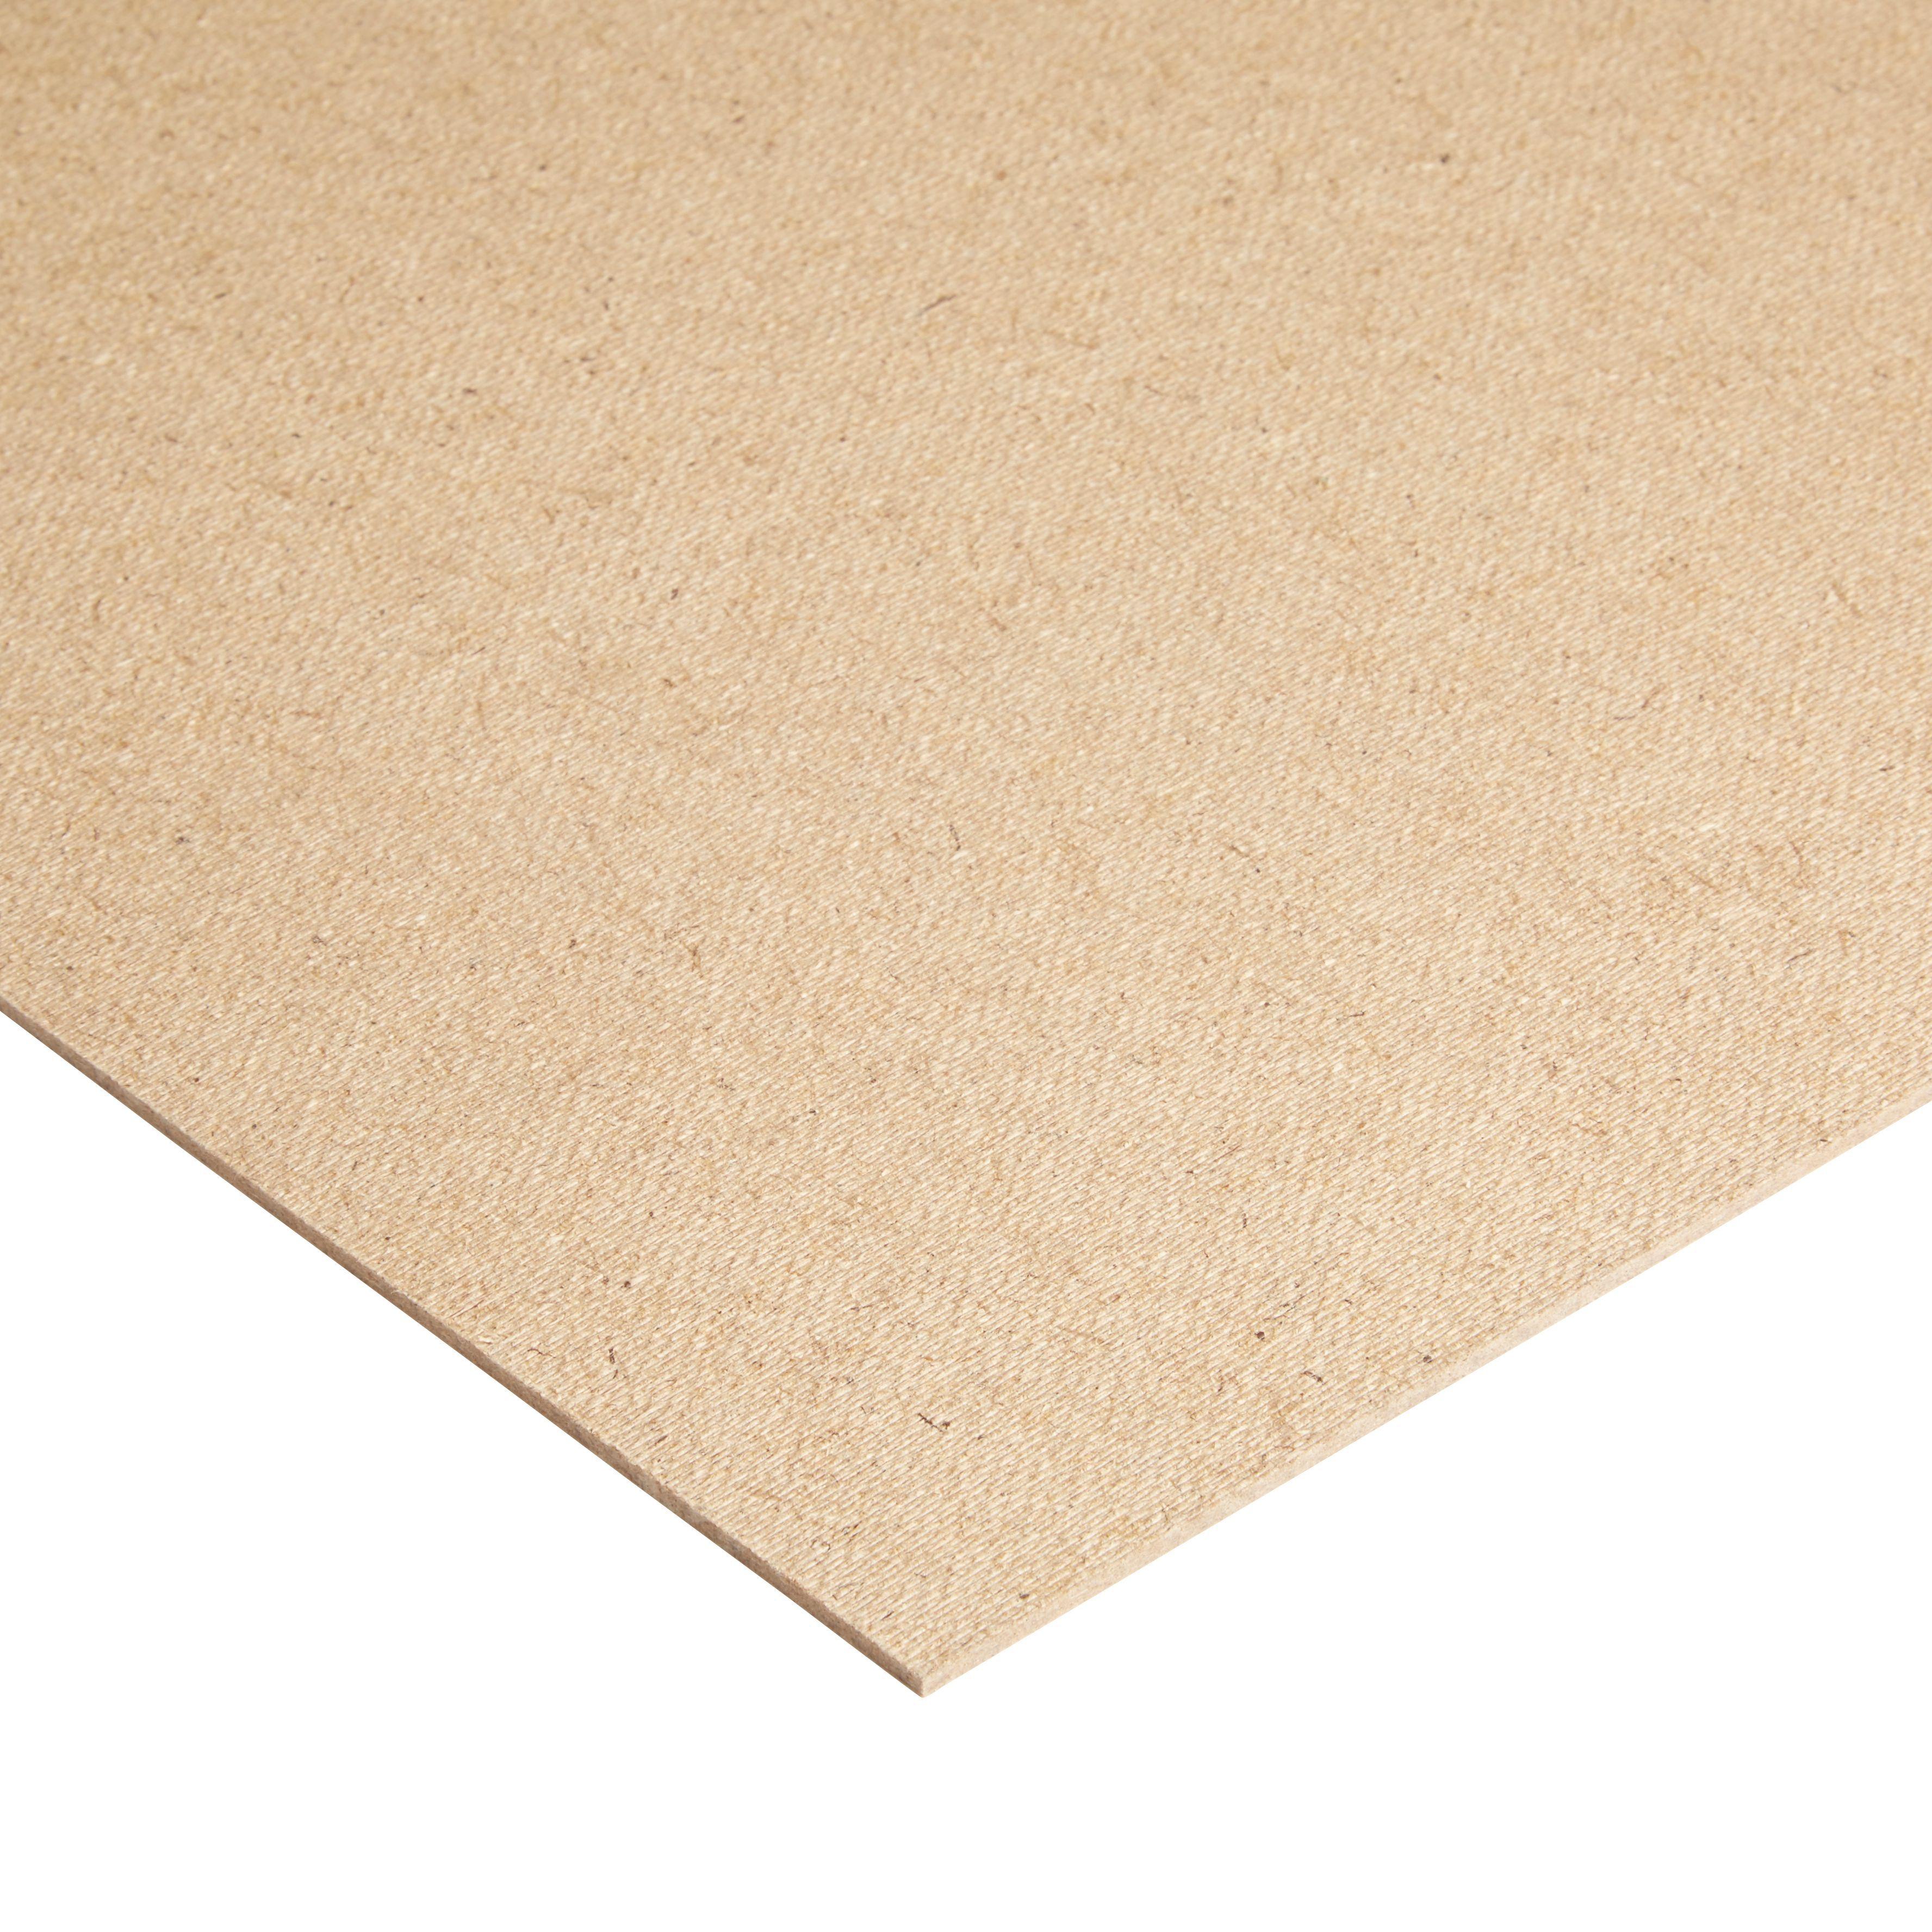 Hardboard sheet th mm w l departments